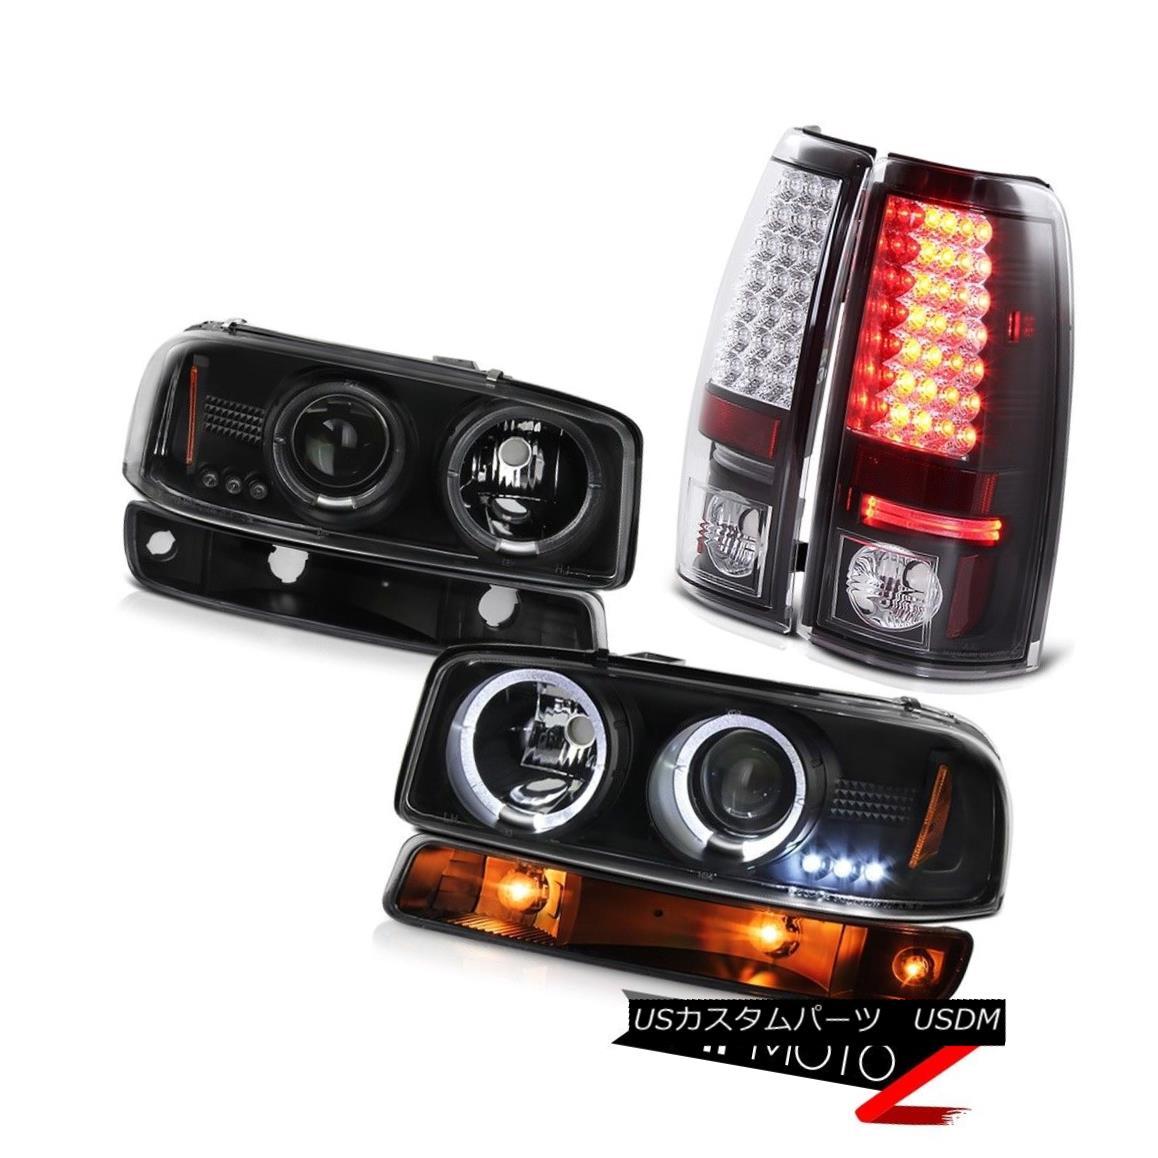 ヘッドライト 1999-2006 Sierra 6.6L Inky black taillights bumper light projector headlights 1999-2006シエラ6.6Lインキブラックテールライトバンパーライトプロジェクターヘッドライト